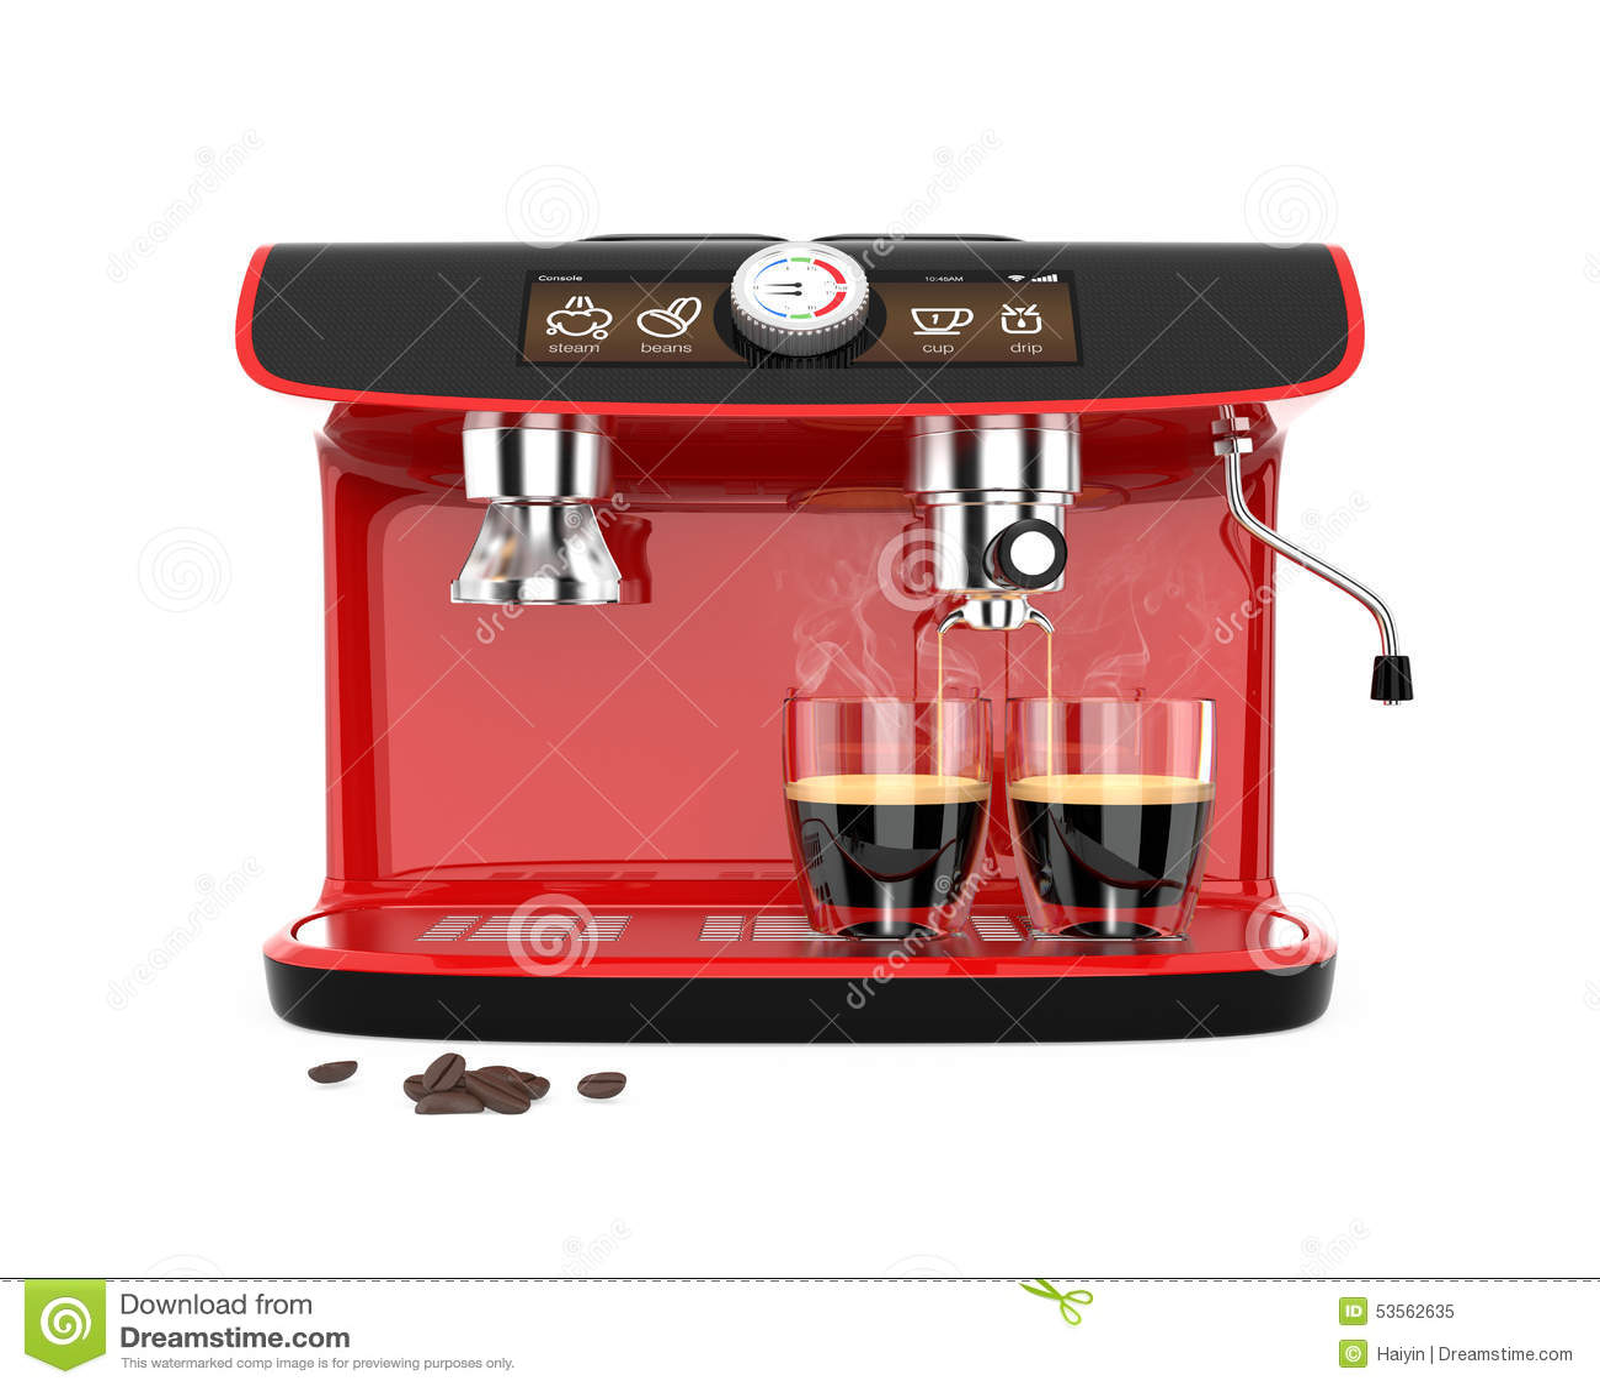 espresso machine glasses